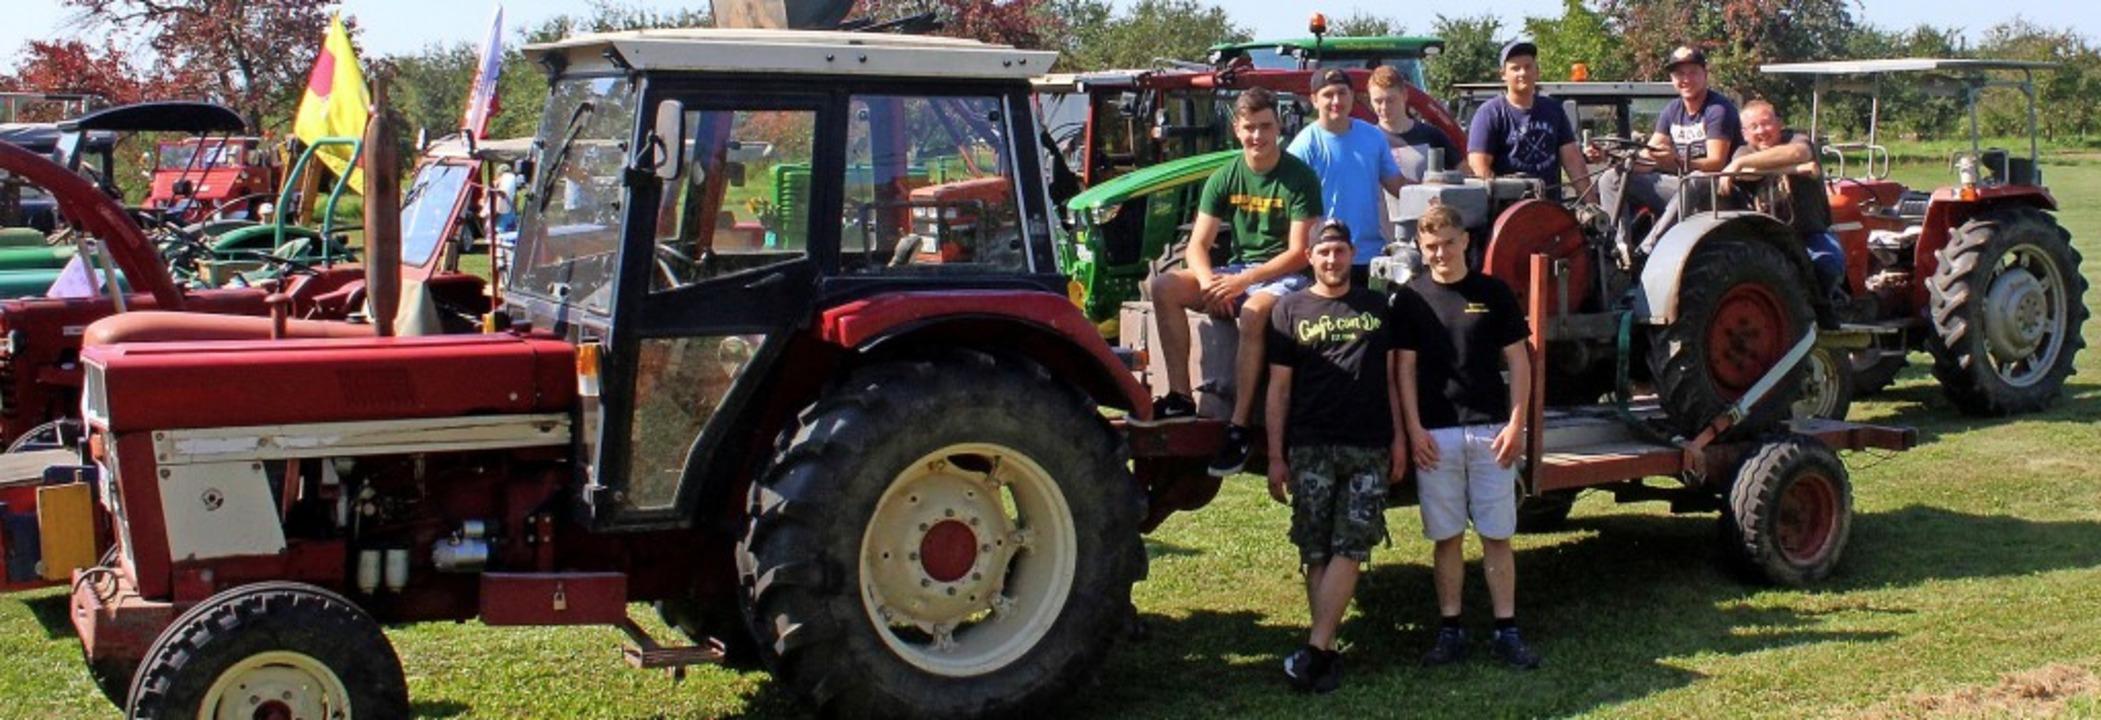 Gleich mit fünf Traktoren waren diese jungen Männer  aus Tannenkirch angereist.   | Foto: Reinhard Cremer